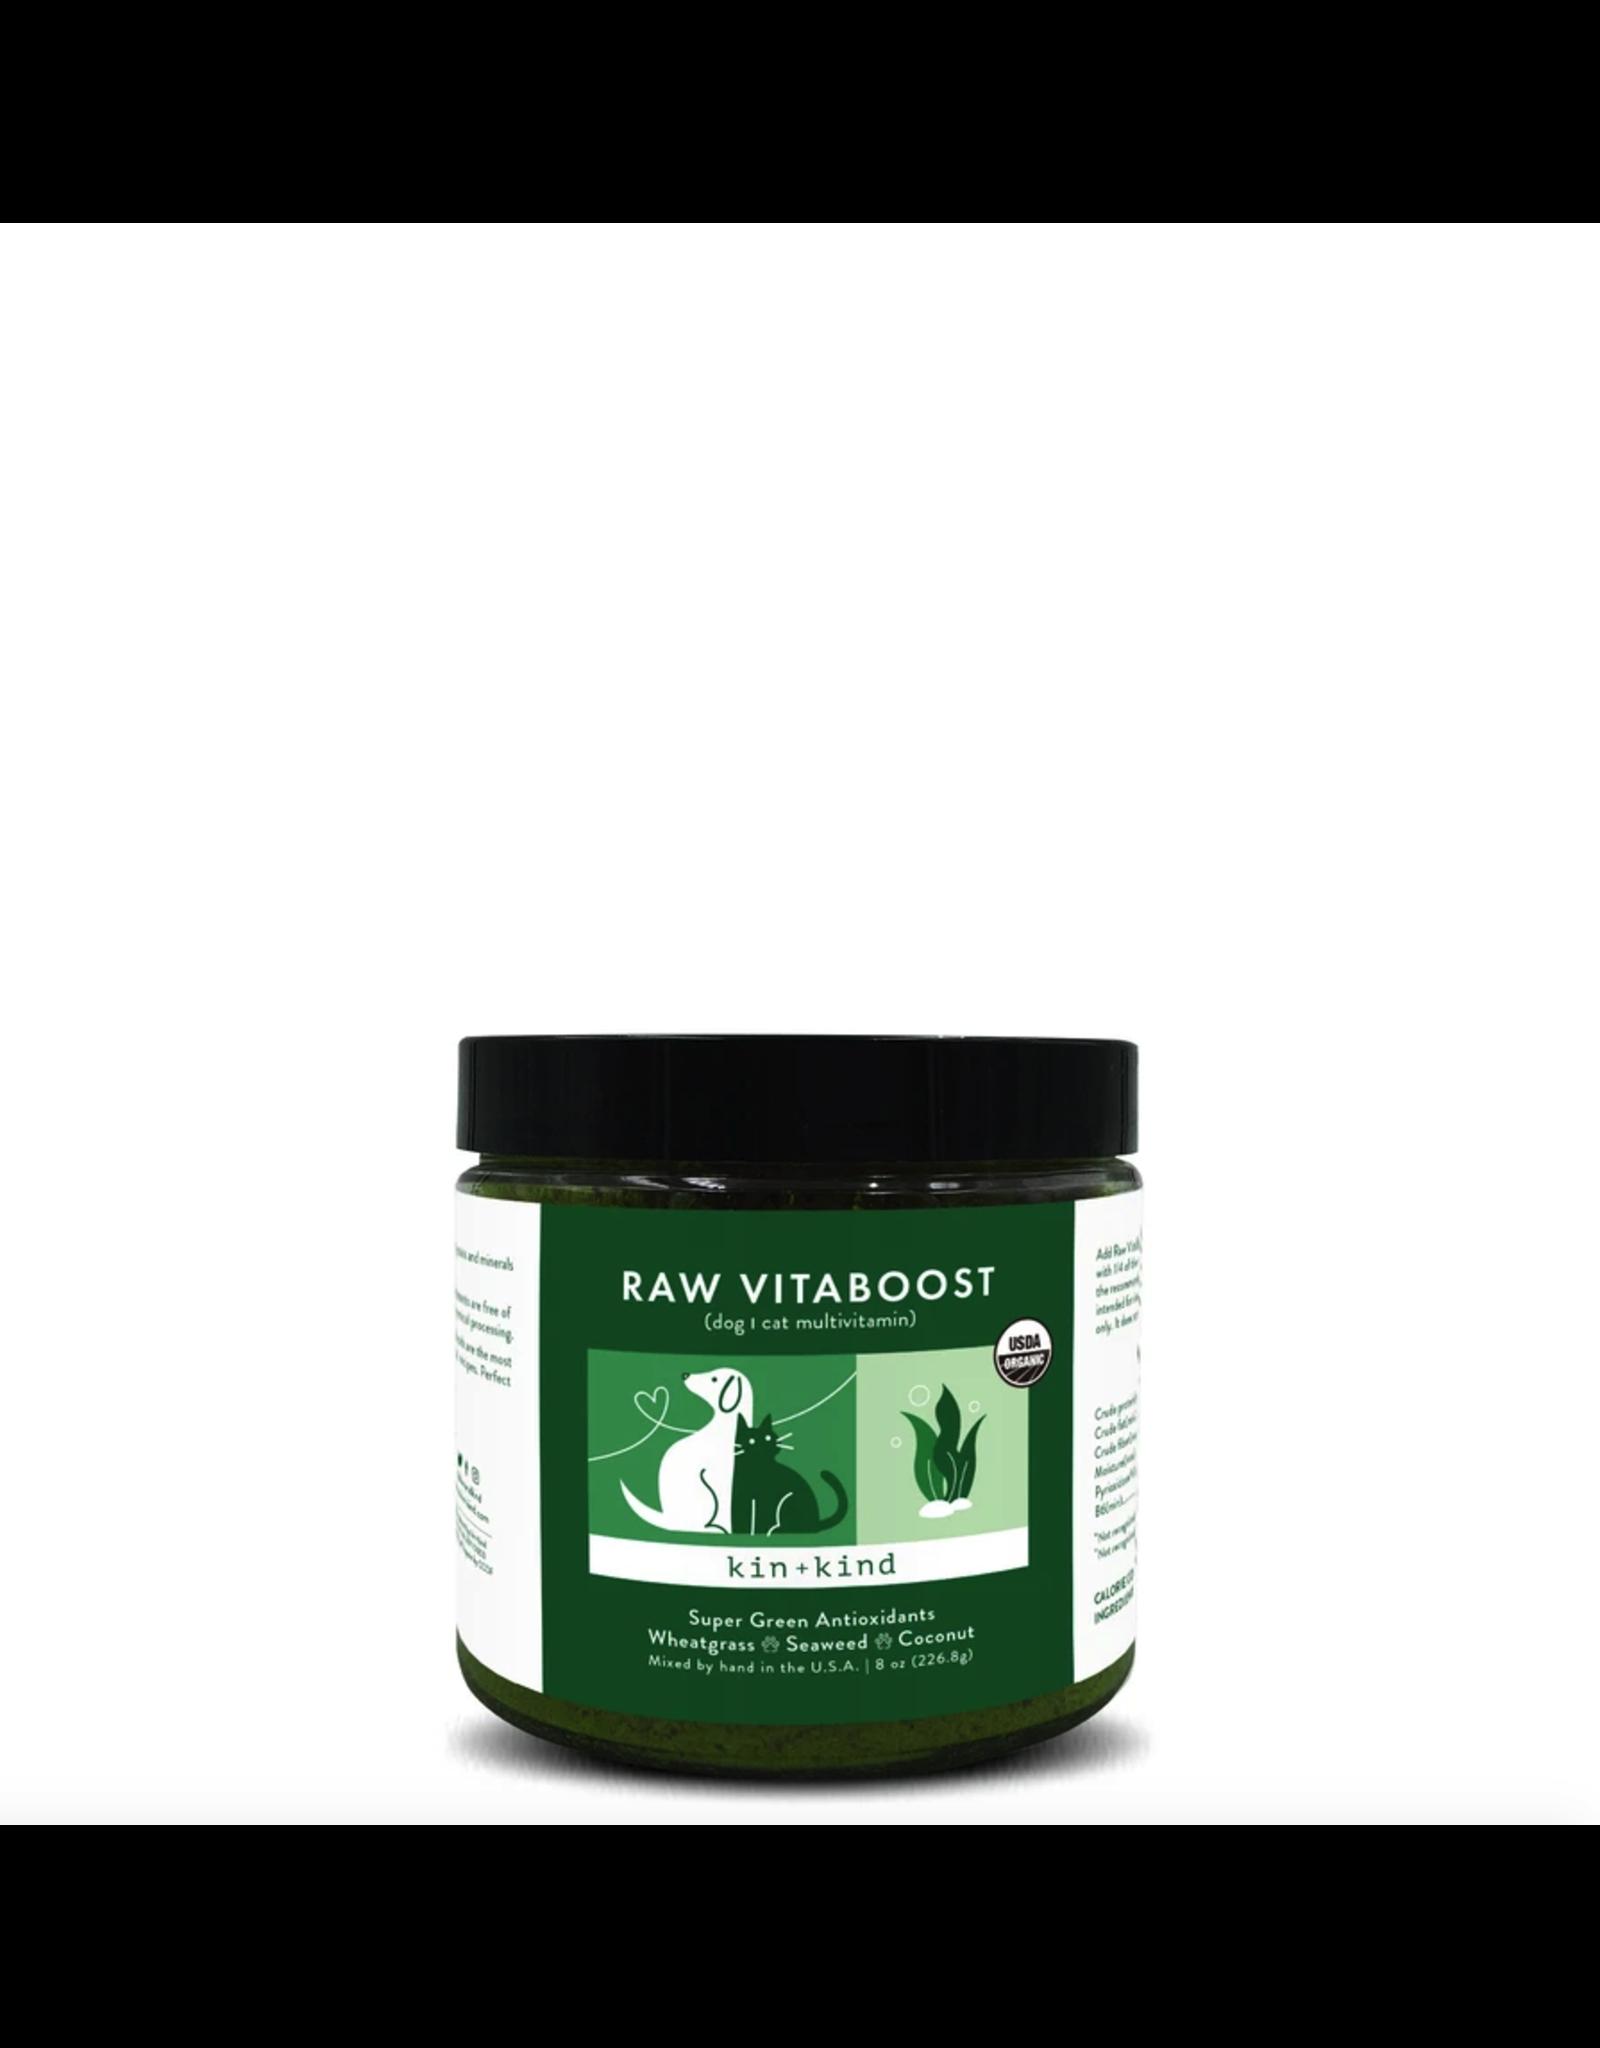 Kin and Kind Kin and Kind Raw Vitaboost